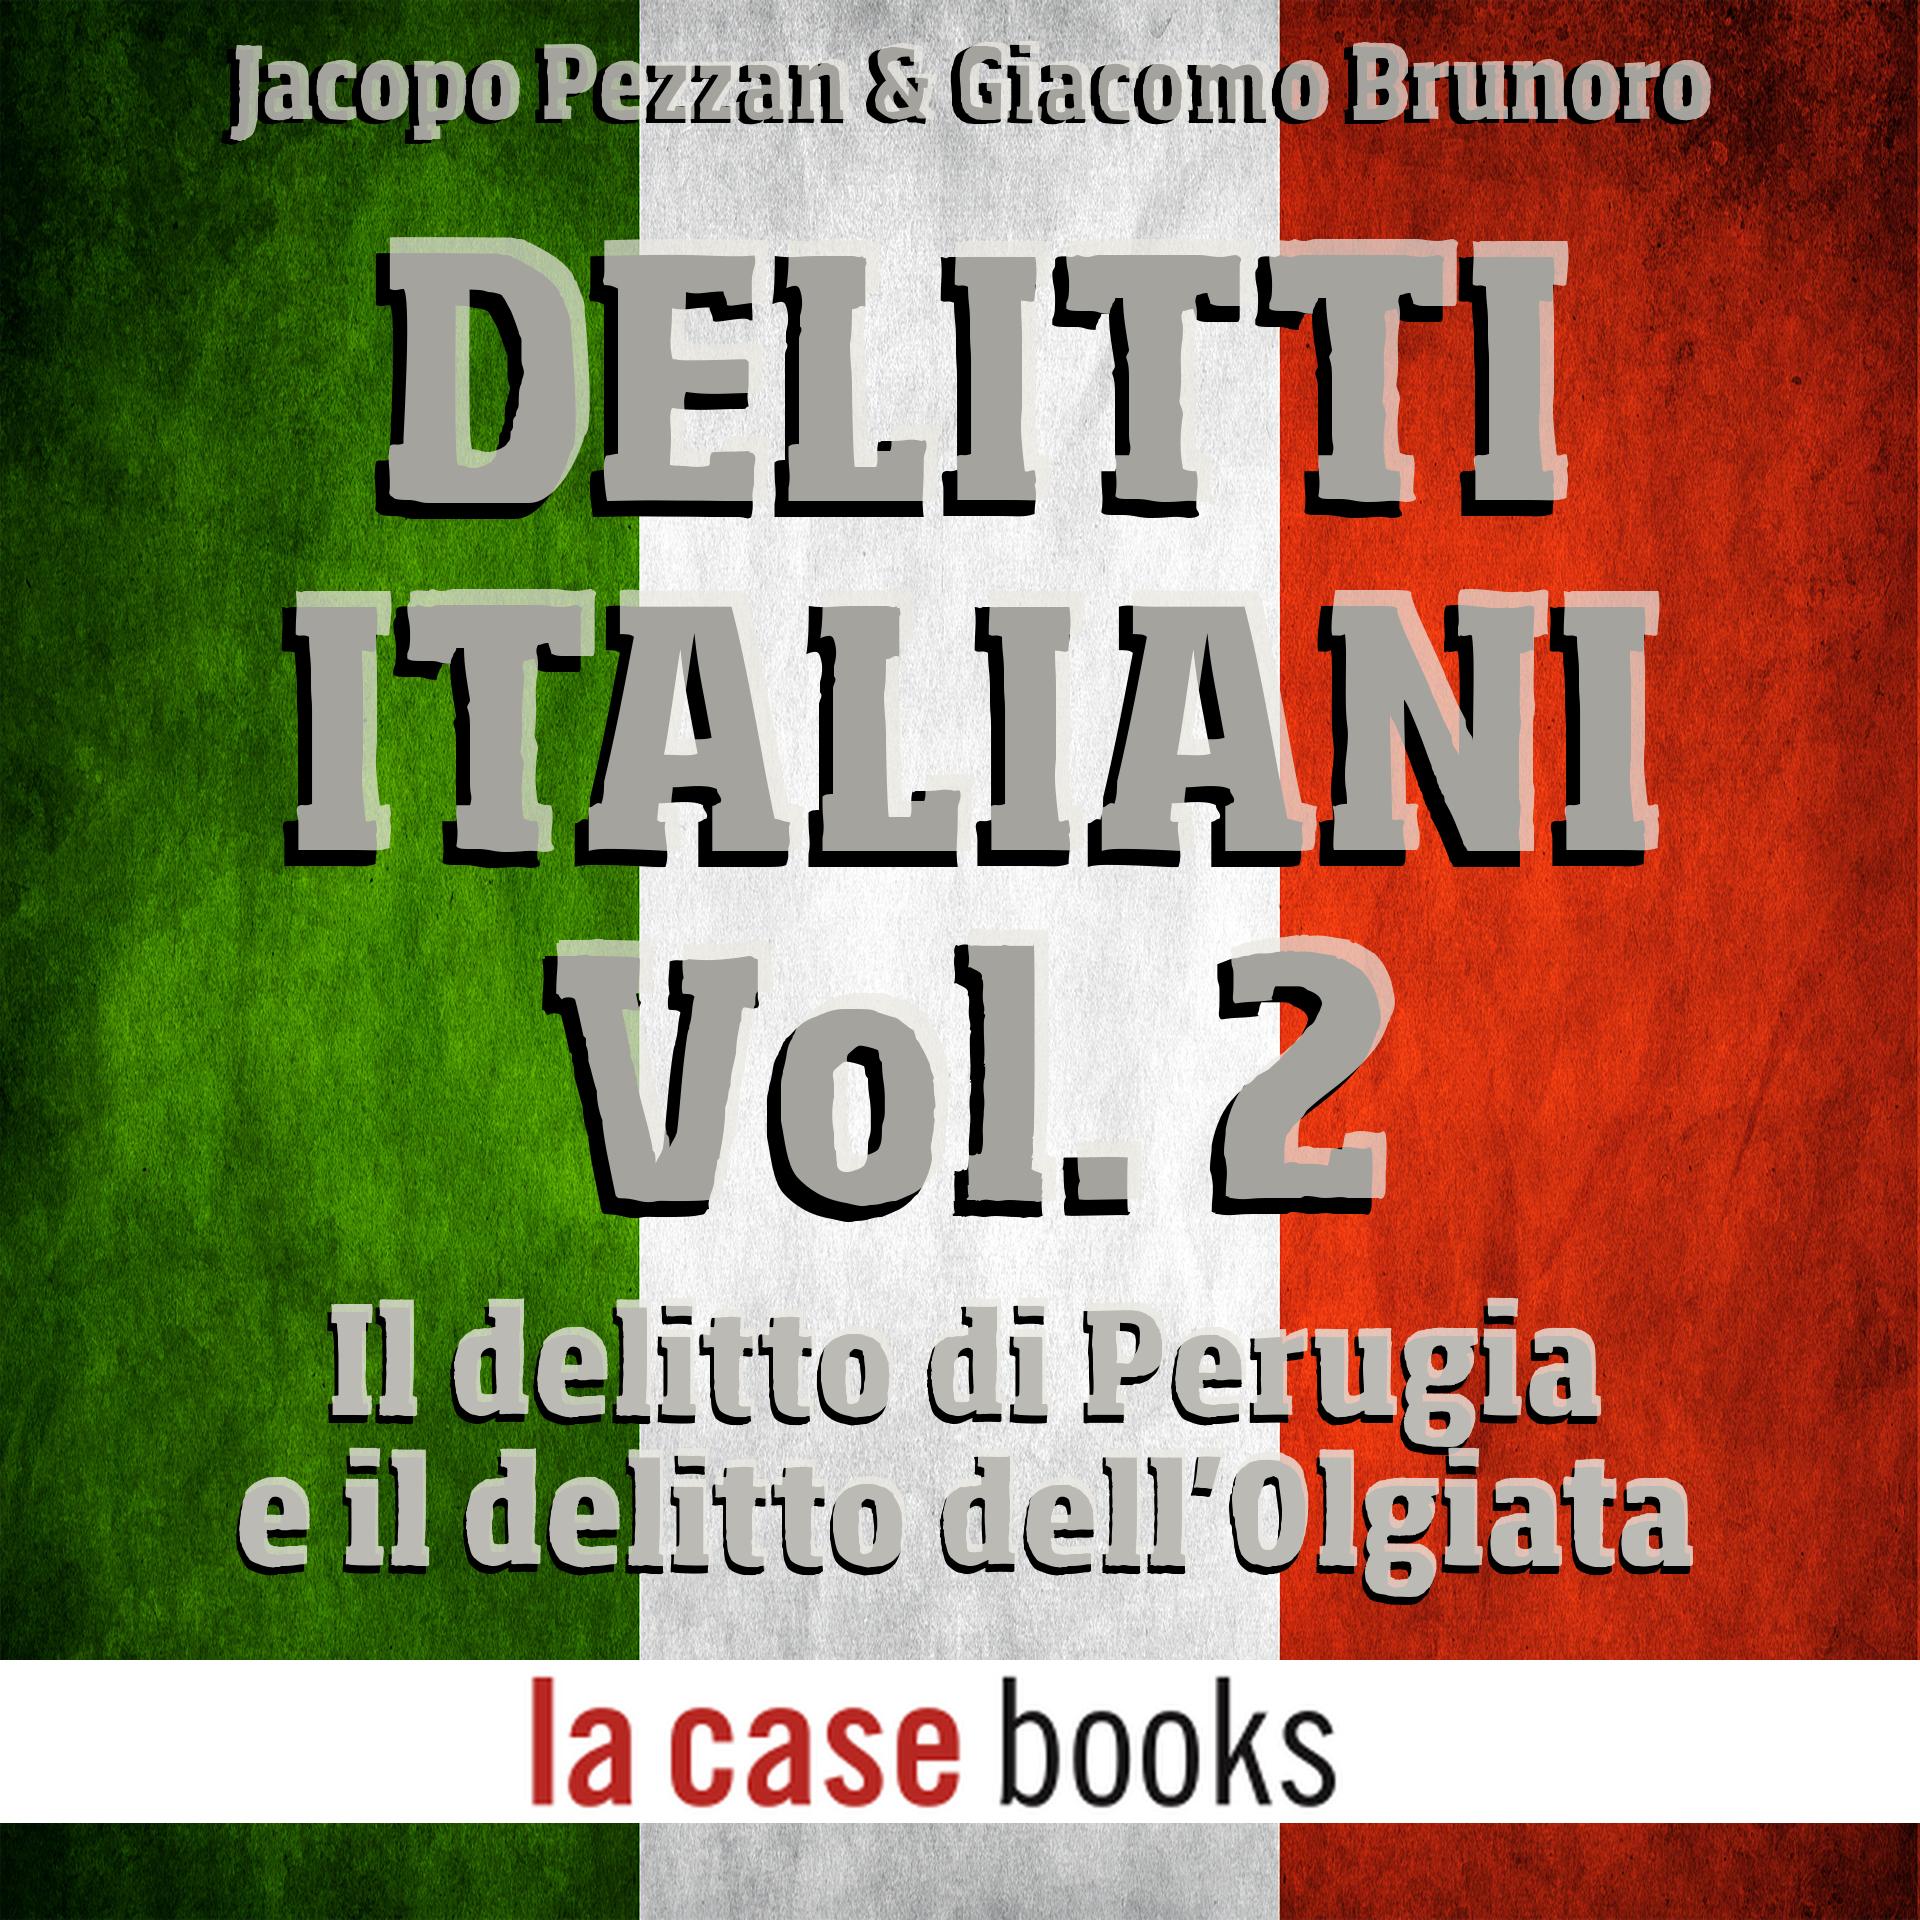 Delitti italiani vol.2-0